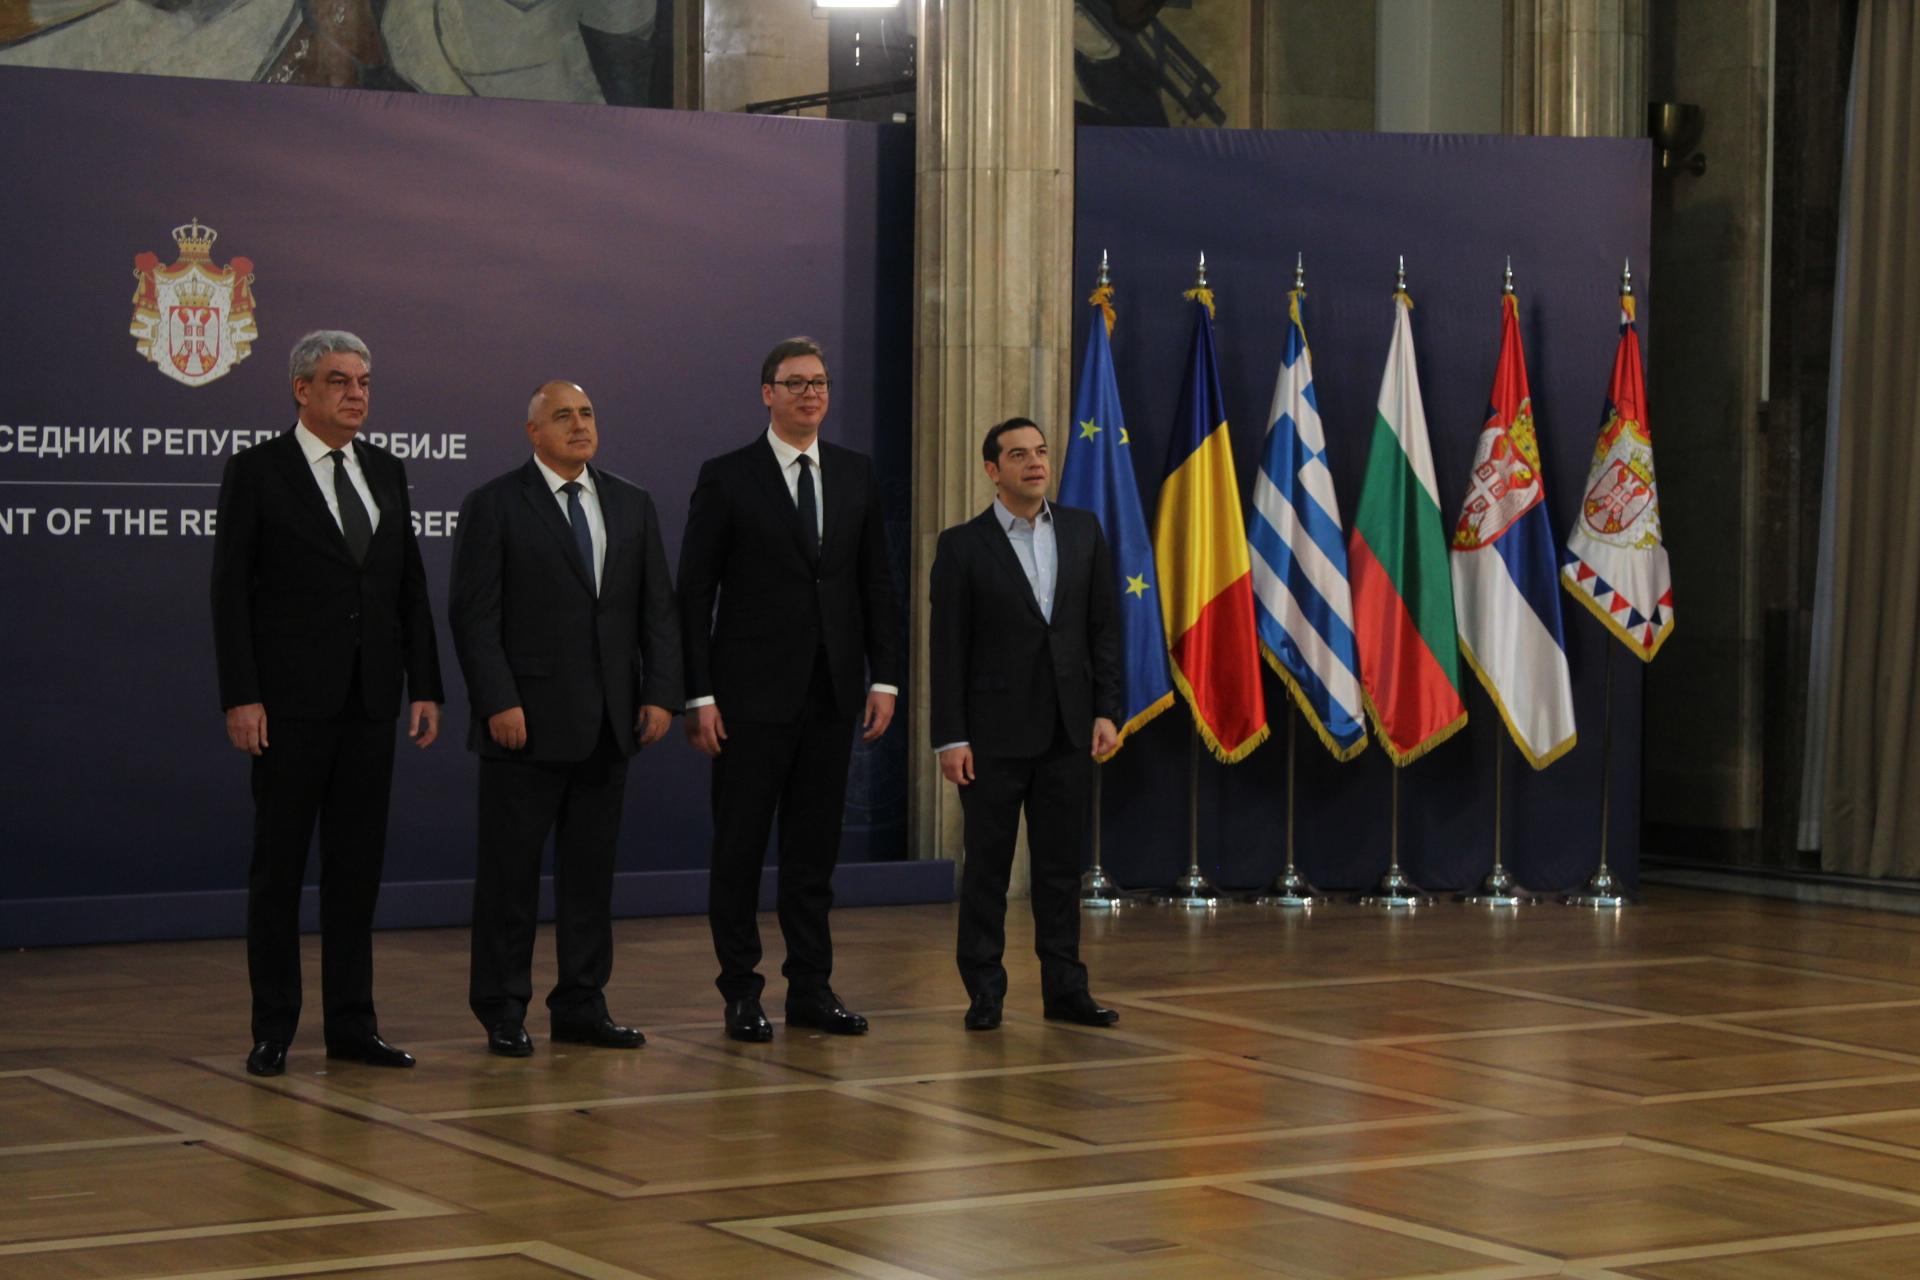 Με δείπνο εργασίας ξεκίνησε η 2η Σύνοδος Κορυφής Ελλάδας Σερβίας Βουλγαρίας Ρουμανίας.